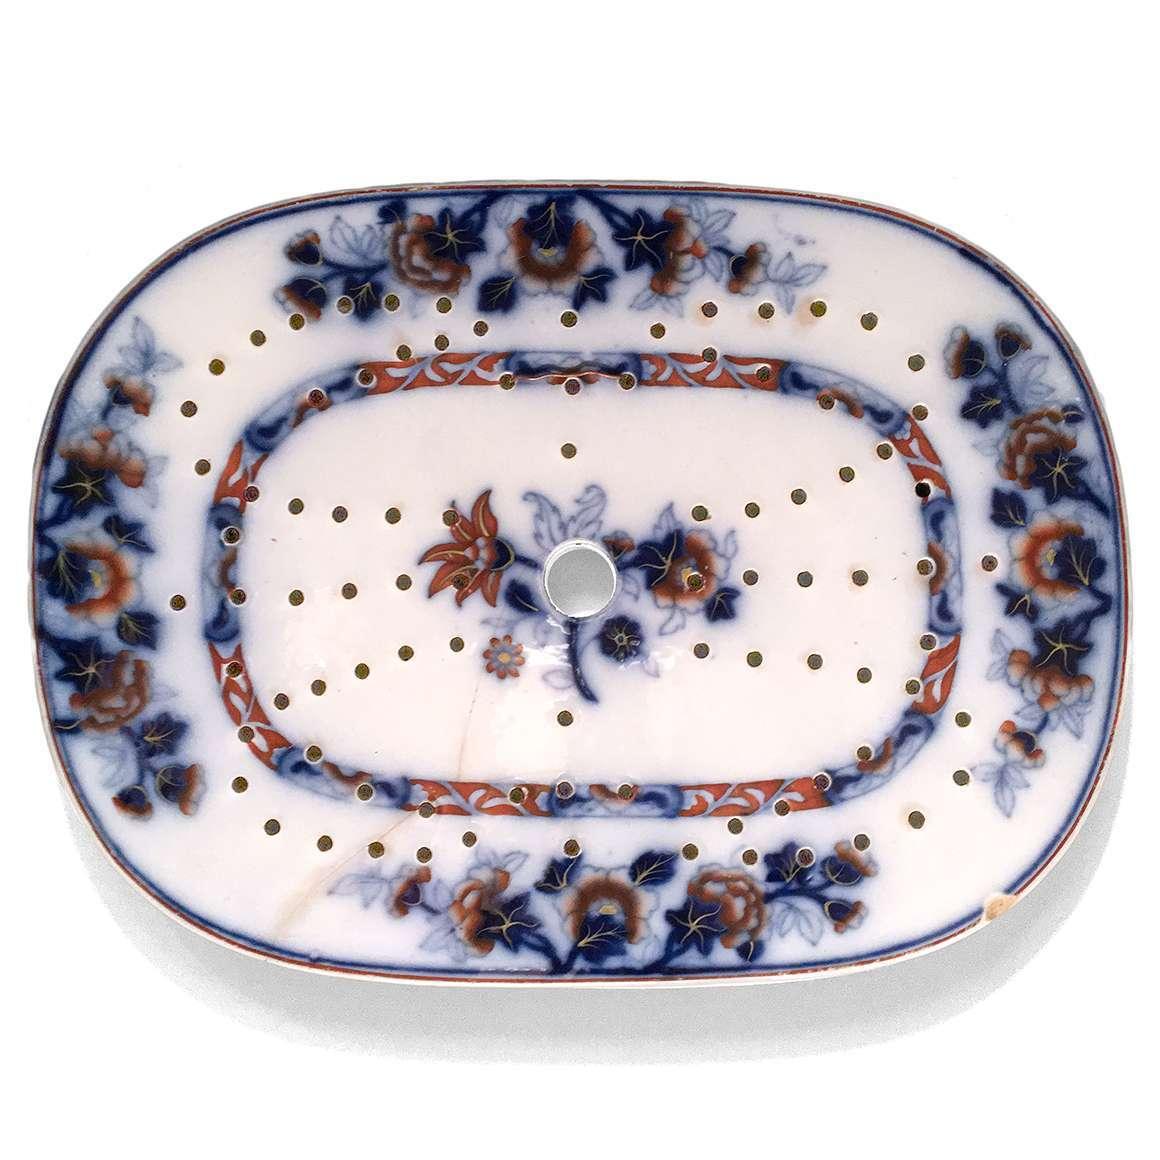 0428 – 19th Century Ceramic Fish Strainer